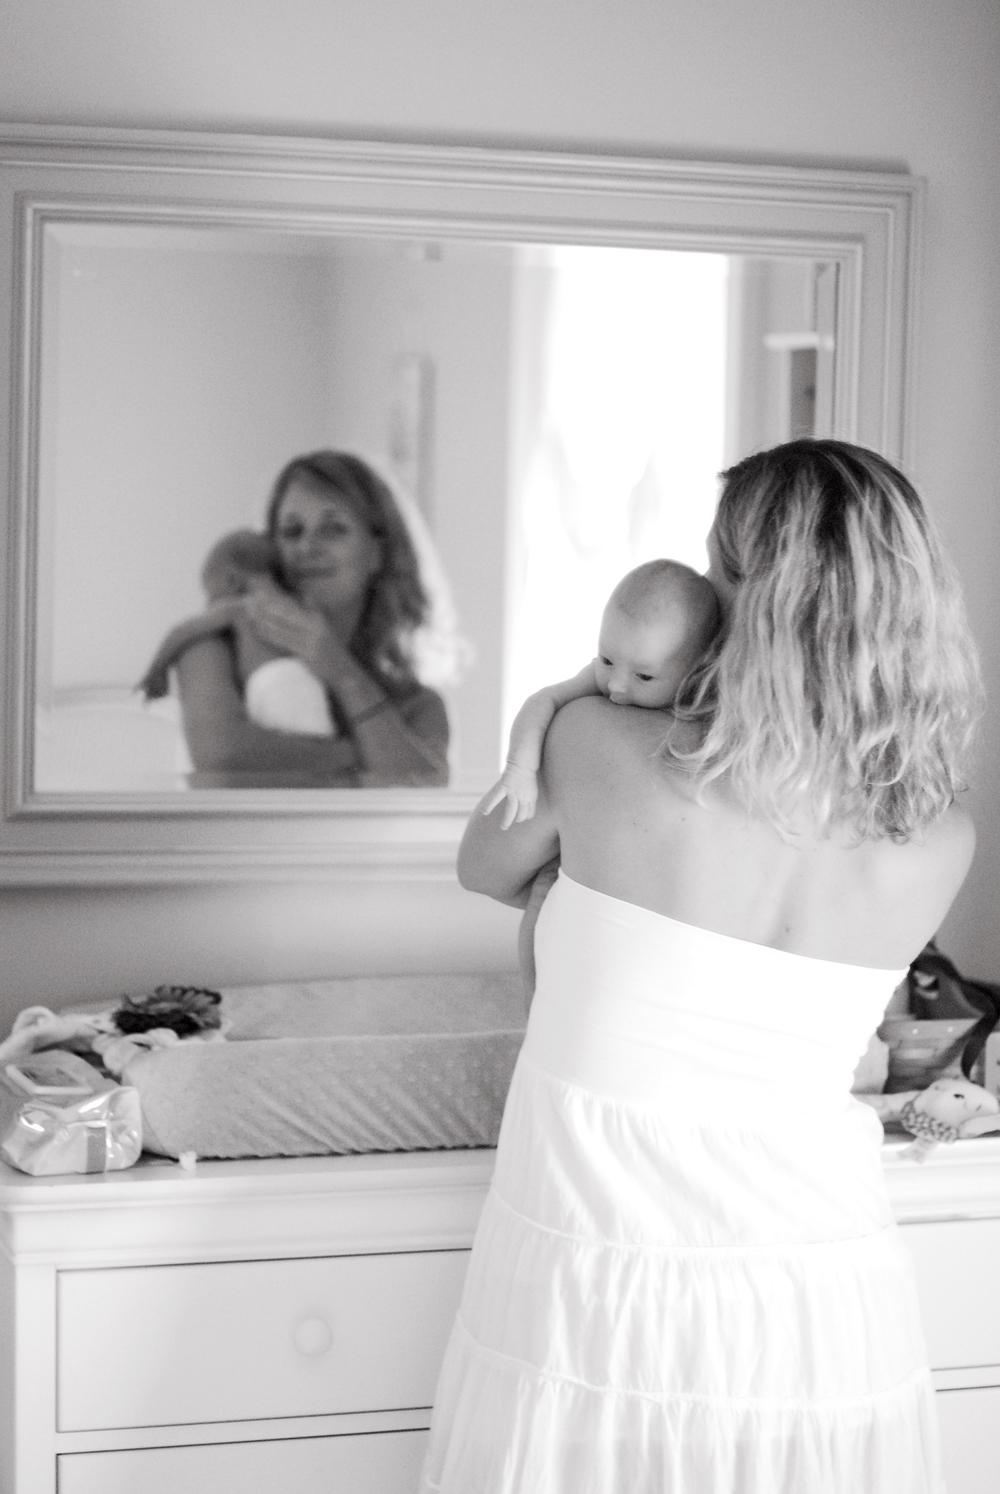 DSC_0244 michelle hold callie in mirror B&W.jpg